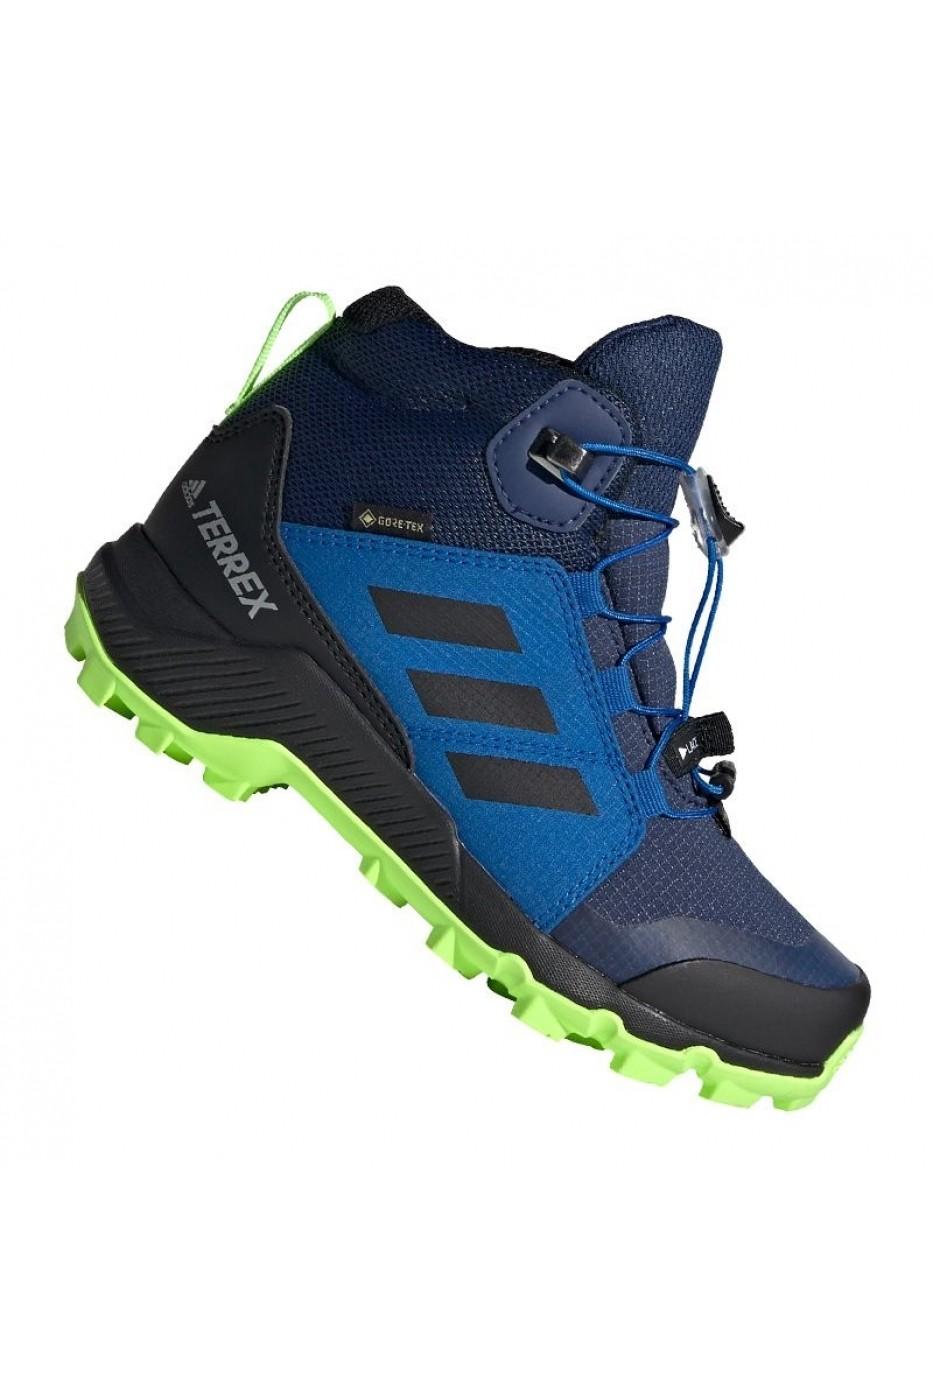 informații despre lansare pe cel mai bine vândut cea mai fină selecție أجنحة مذنب شحذ adidas cizme copii - zetaphi.org